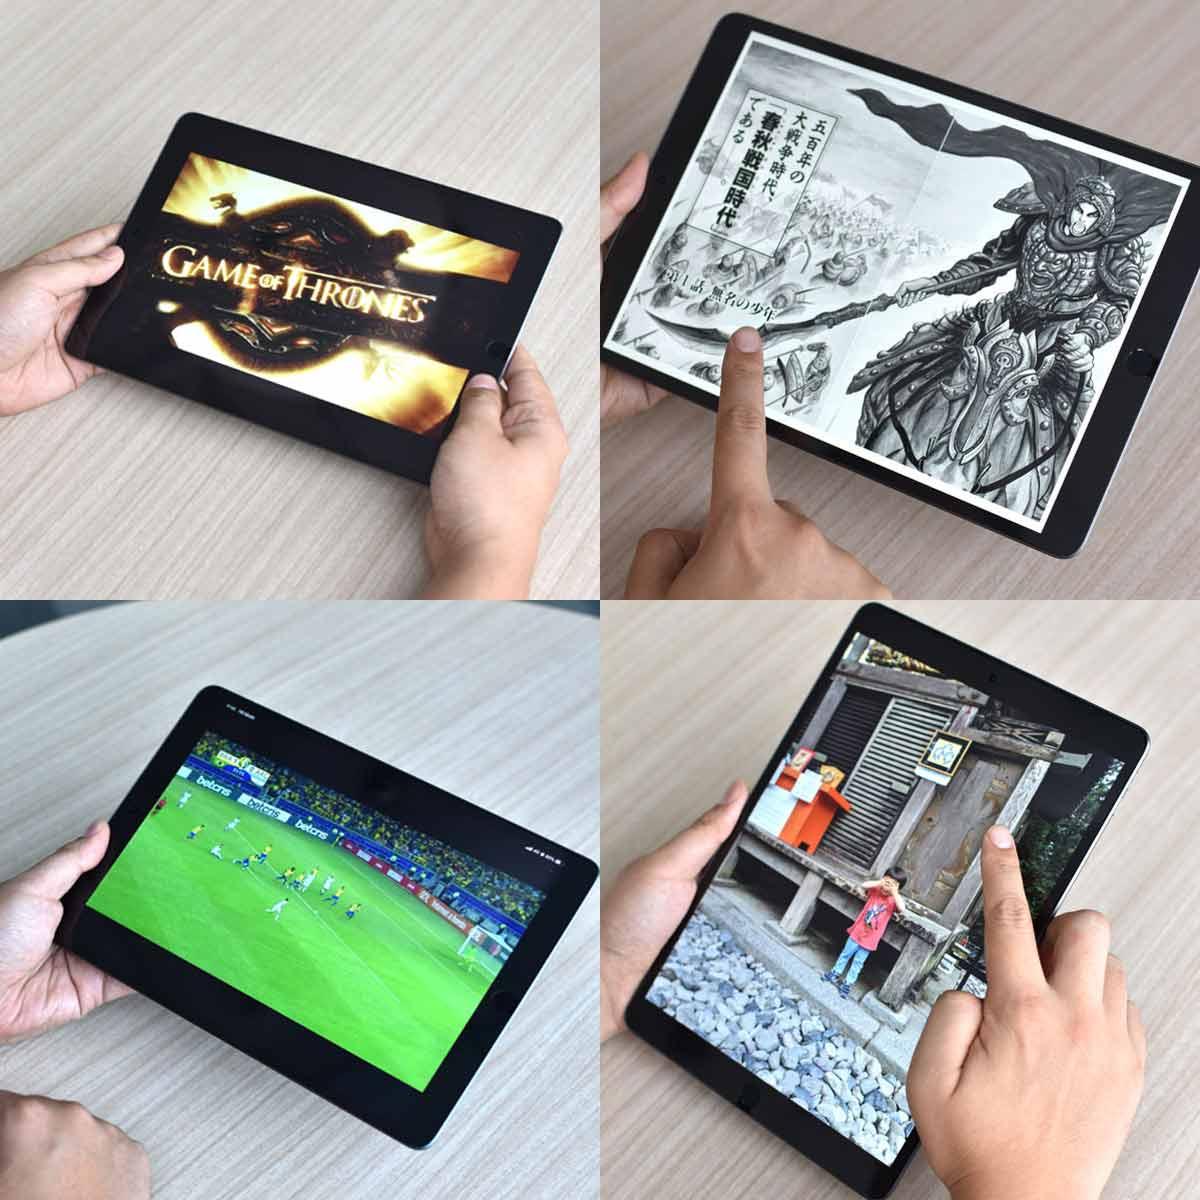 コンテンツ中毒者が「iPad Air」を2か月間使い倒してわかった10のこと